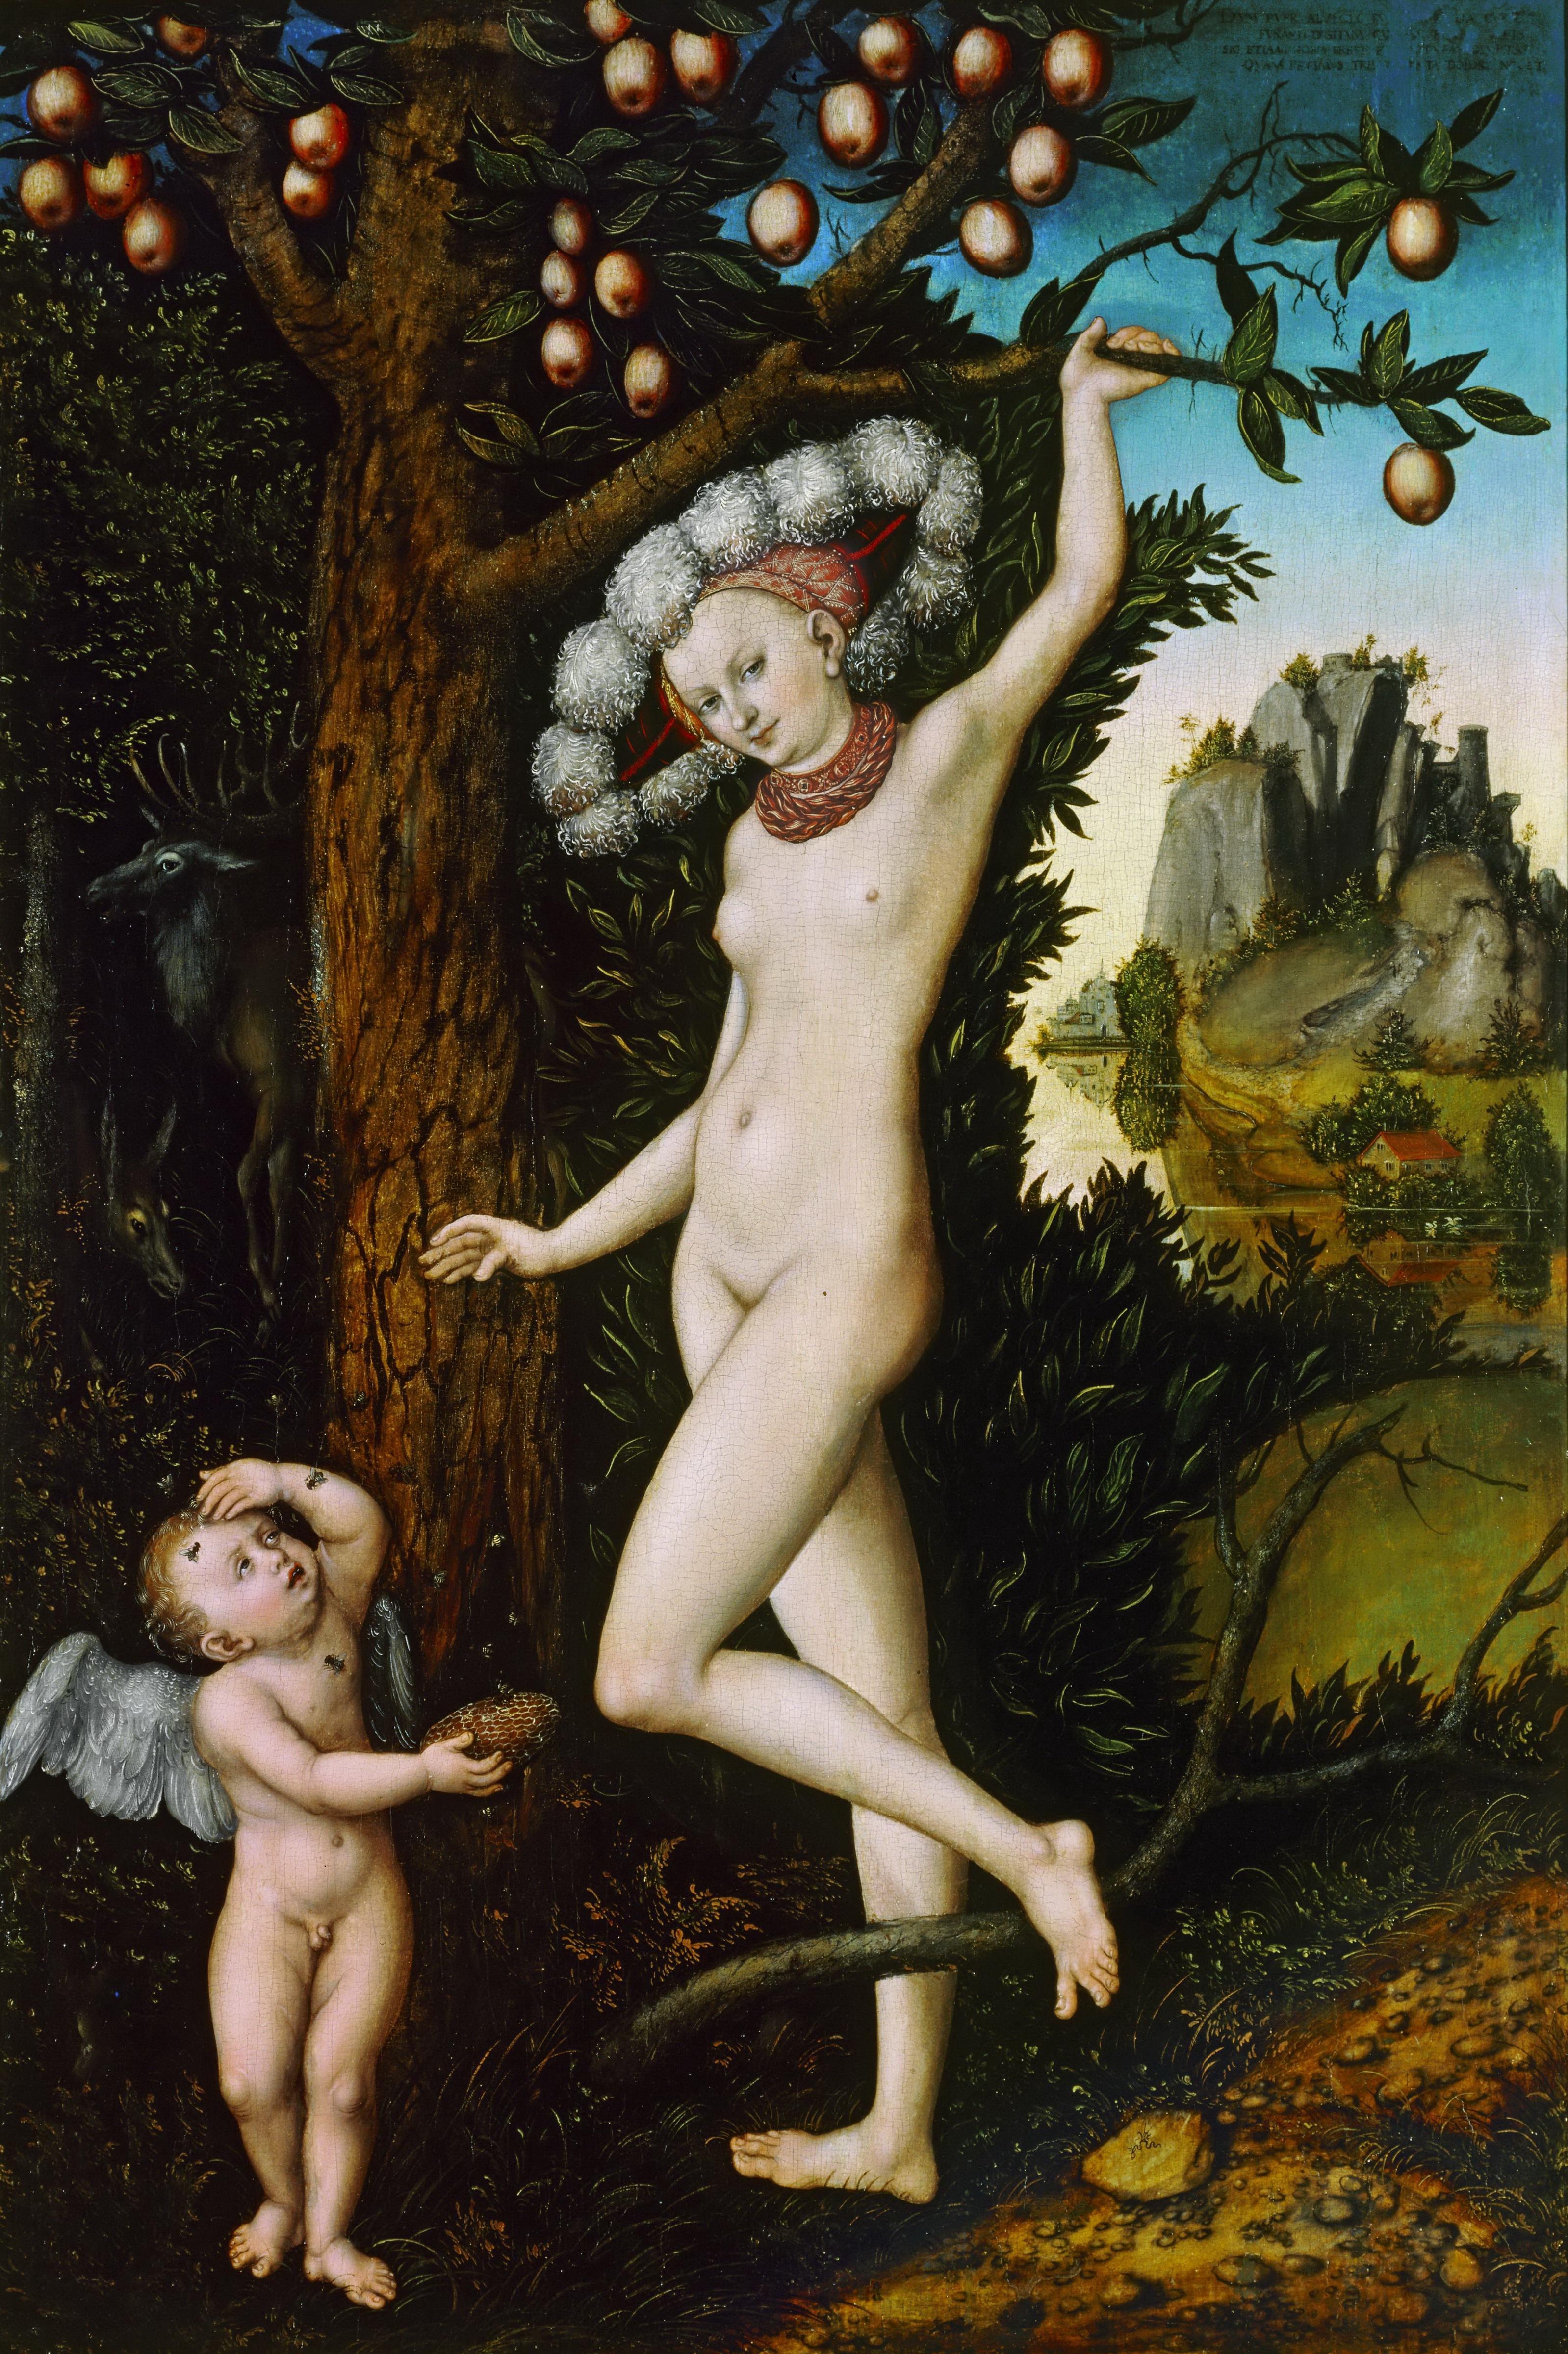 Lucas Cranach I, 1472-1553. Венера и Амур, укравший соты. 1530. Лондон, Национальная галерея